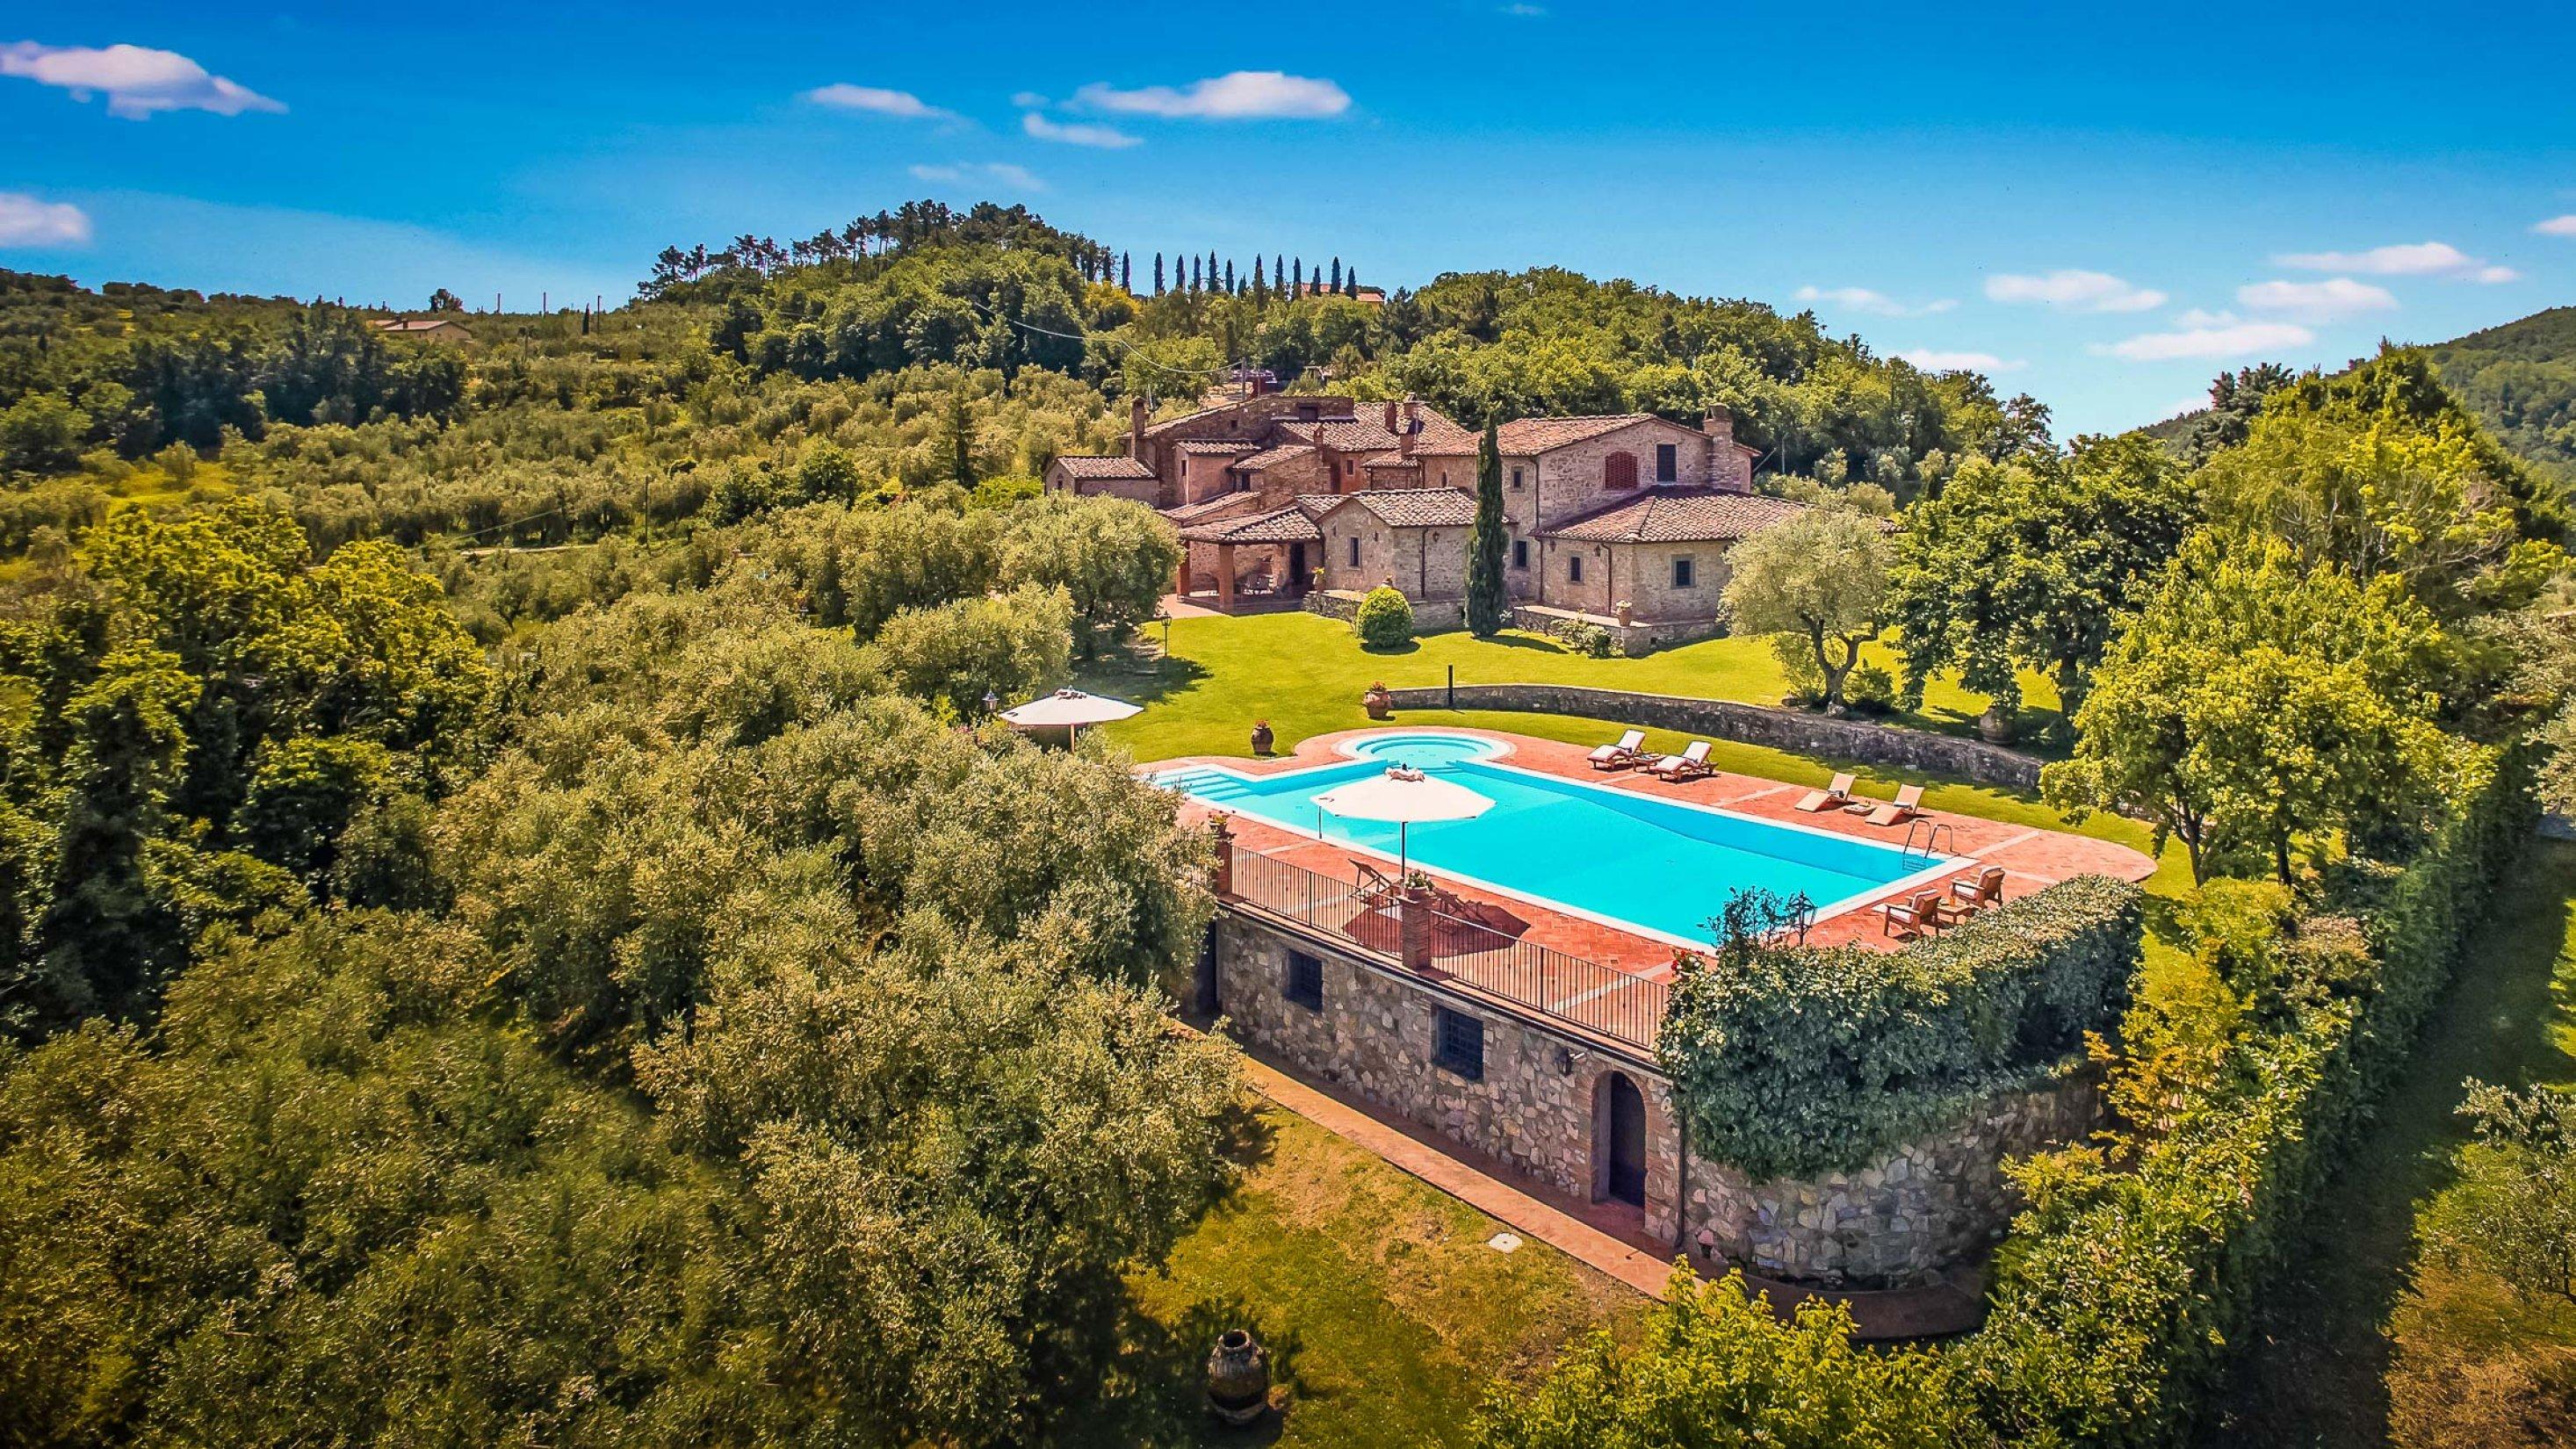 Villa dell' Angelo Tuscany